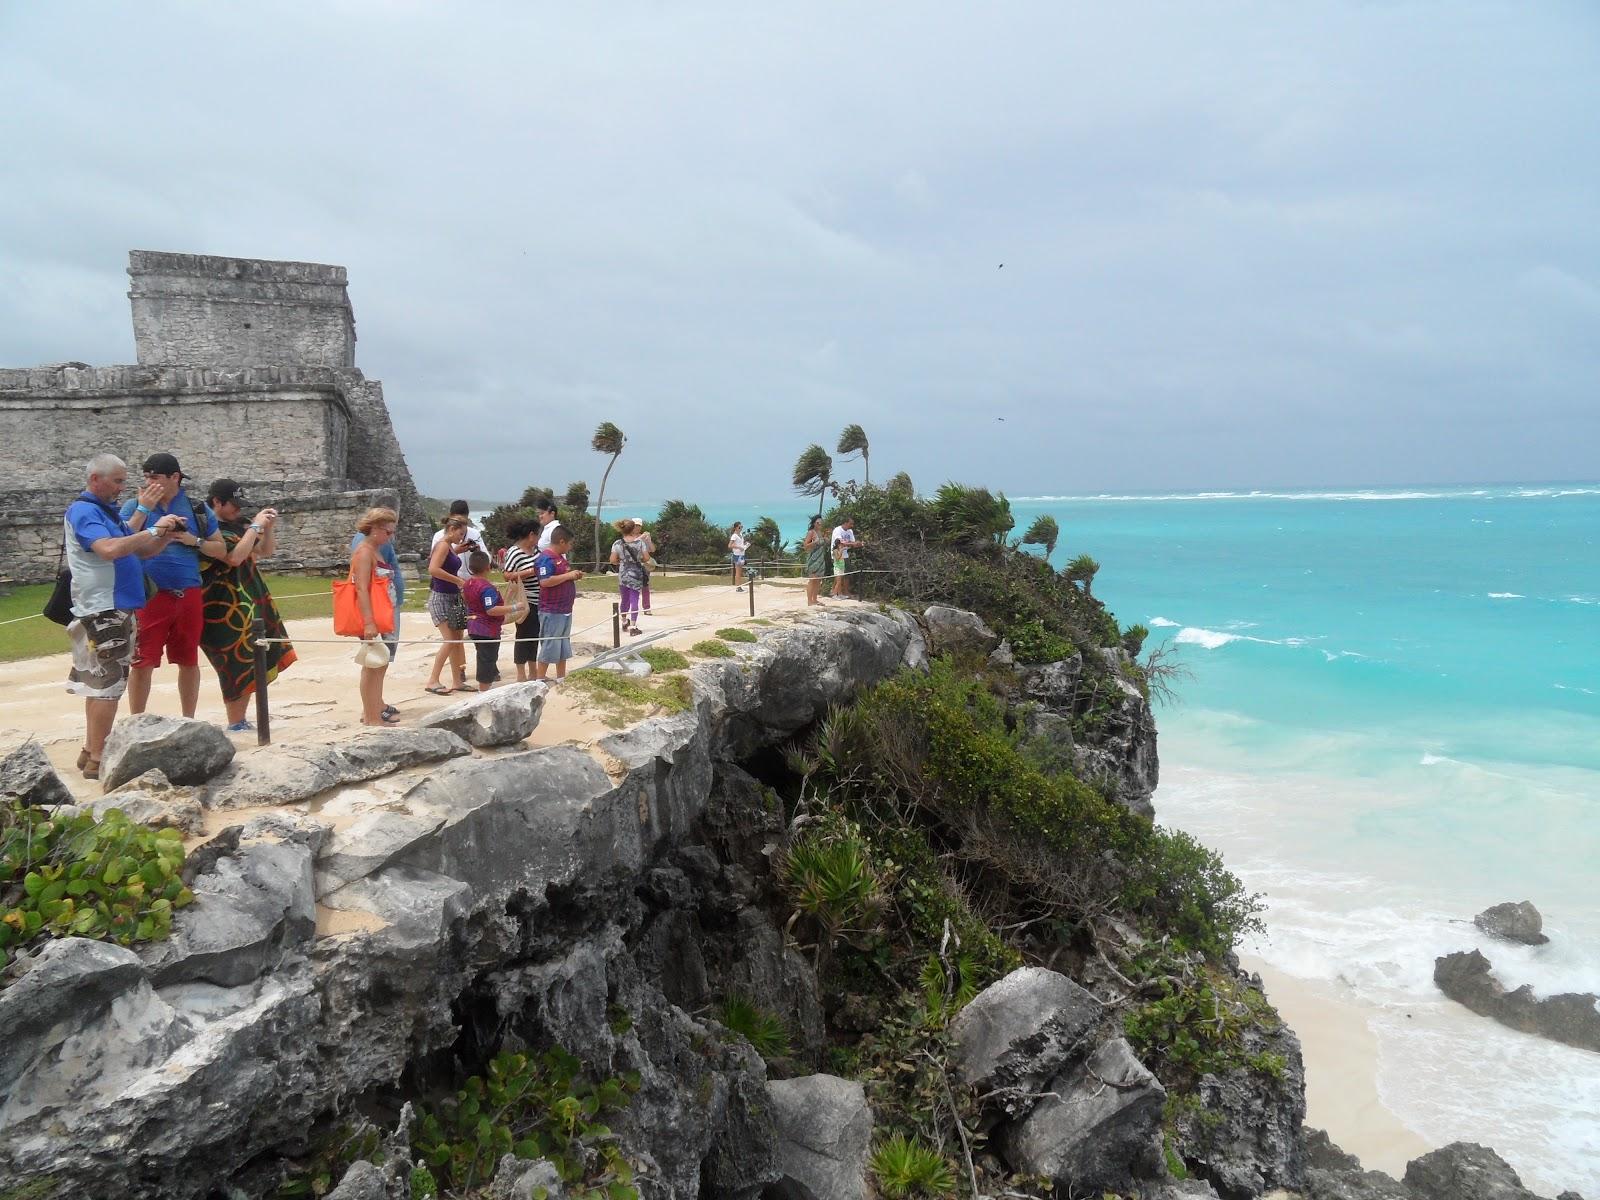 VISITAR TULUM, uma fortaleza maia junto ao mar (e uma bela praia) | México